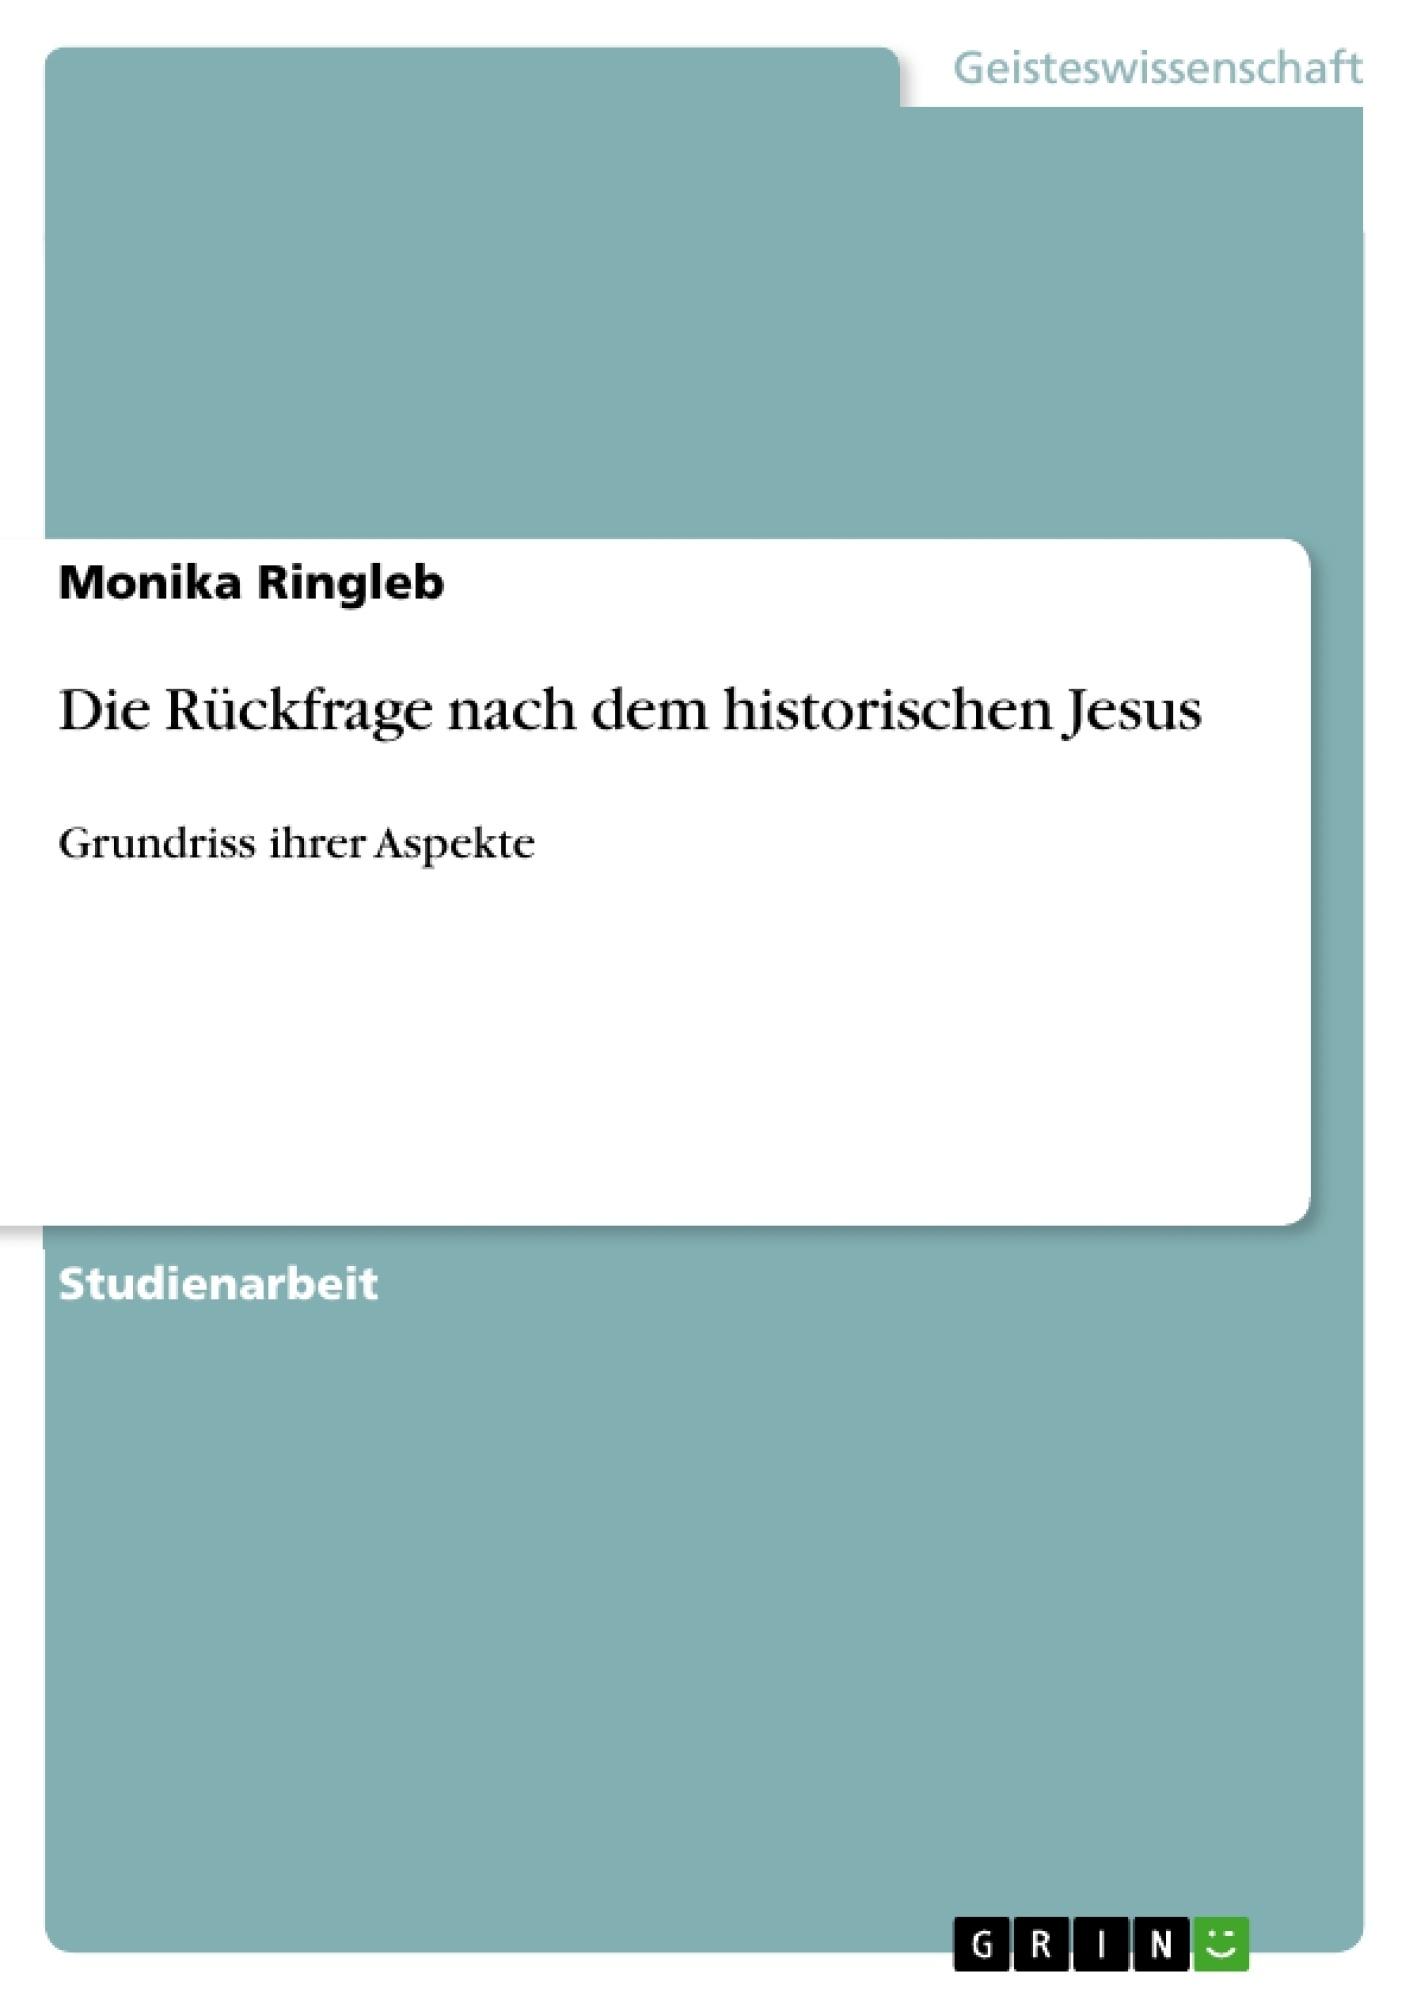 Titel: Die Rückfrage nach dem historischen Jesus